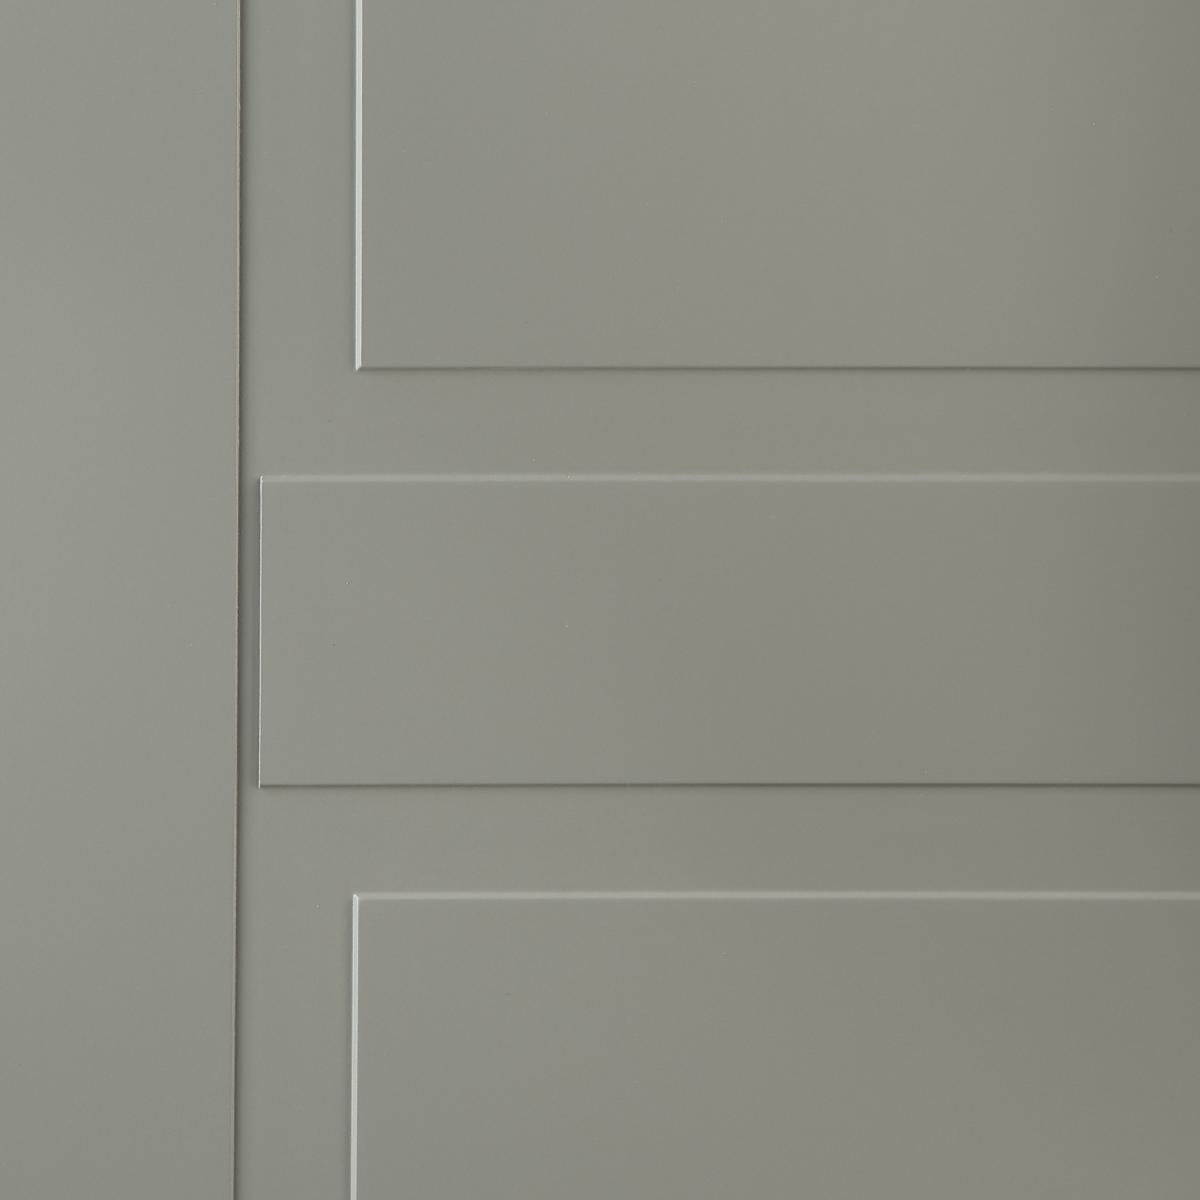 Дверь Межкомнатная Глухая С Замком В Комплекте Этна 200x90 Эмаль Цвет Грей